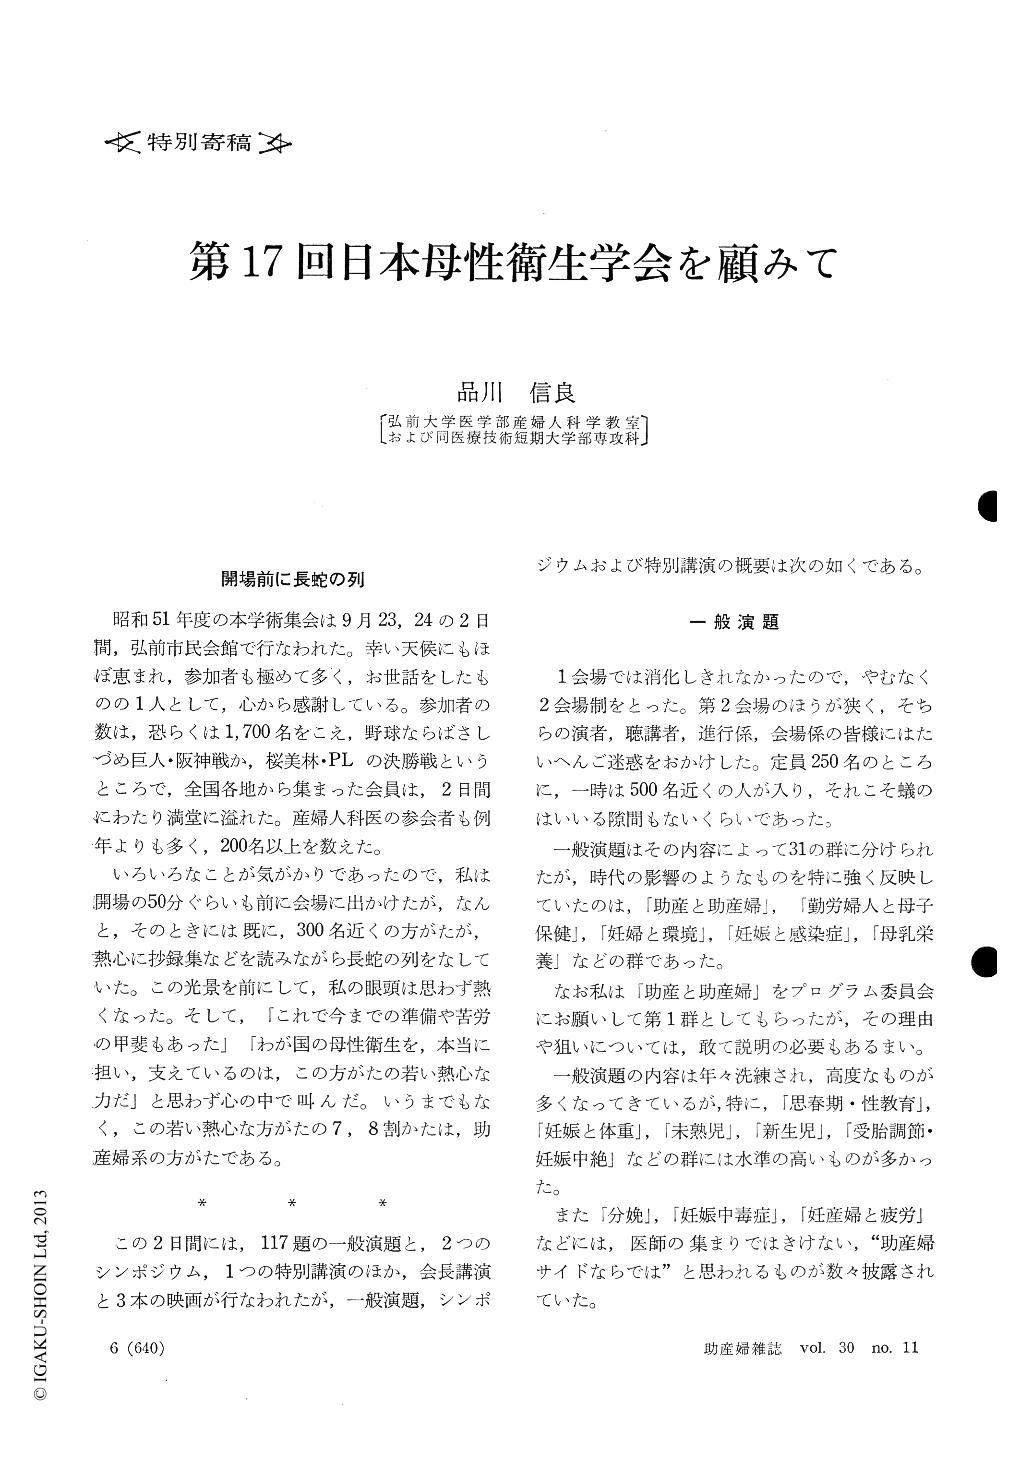 母性 衛生 学会 日本